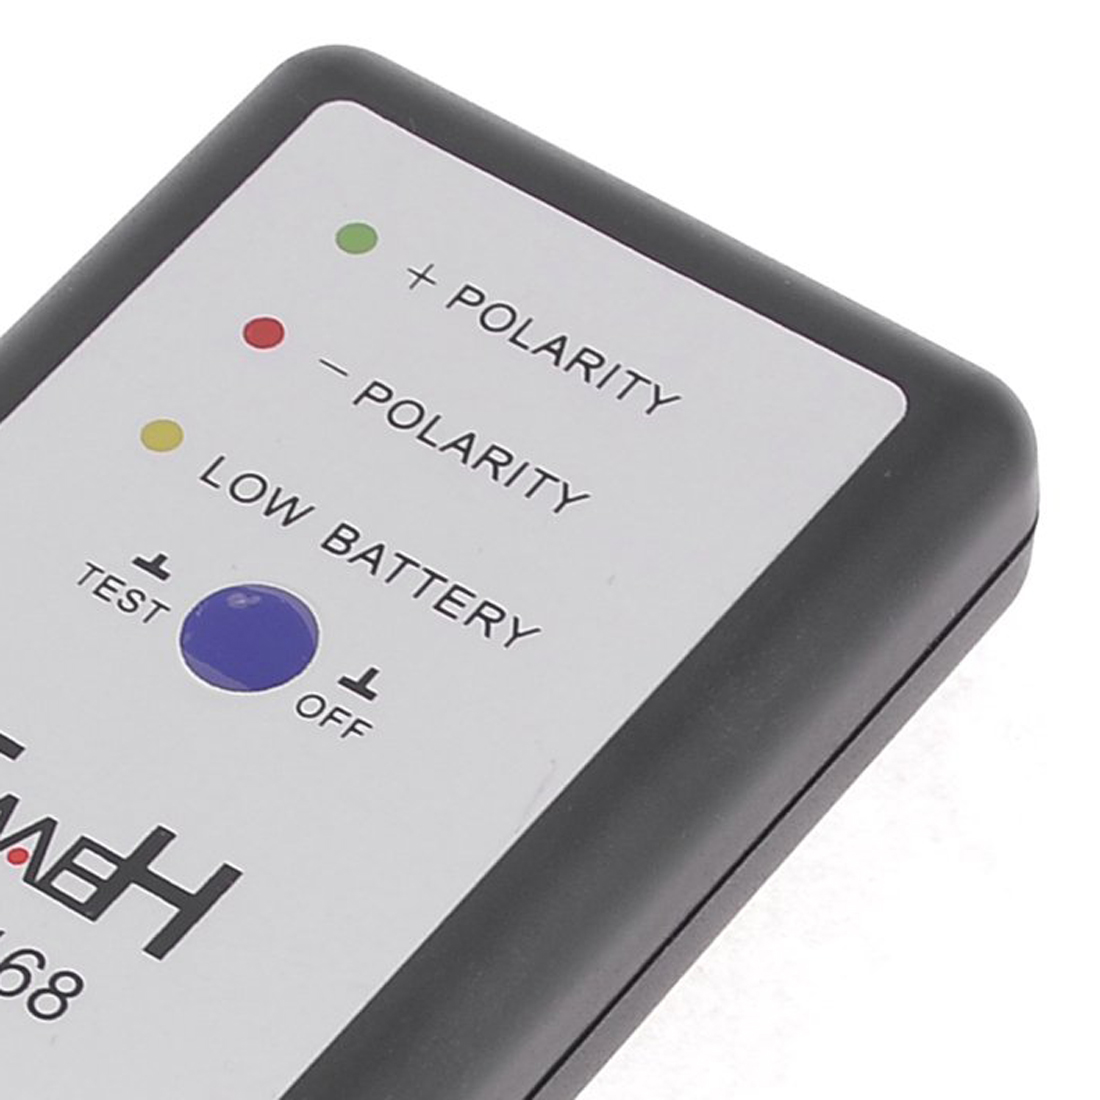 US $8.48 28% OFFBlack Speaker Polarity Tester PH Phase Meter Phasemeter  for Auto Carspeaker polarity testerspeaker polarityspeaker phase tester -